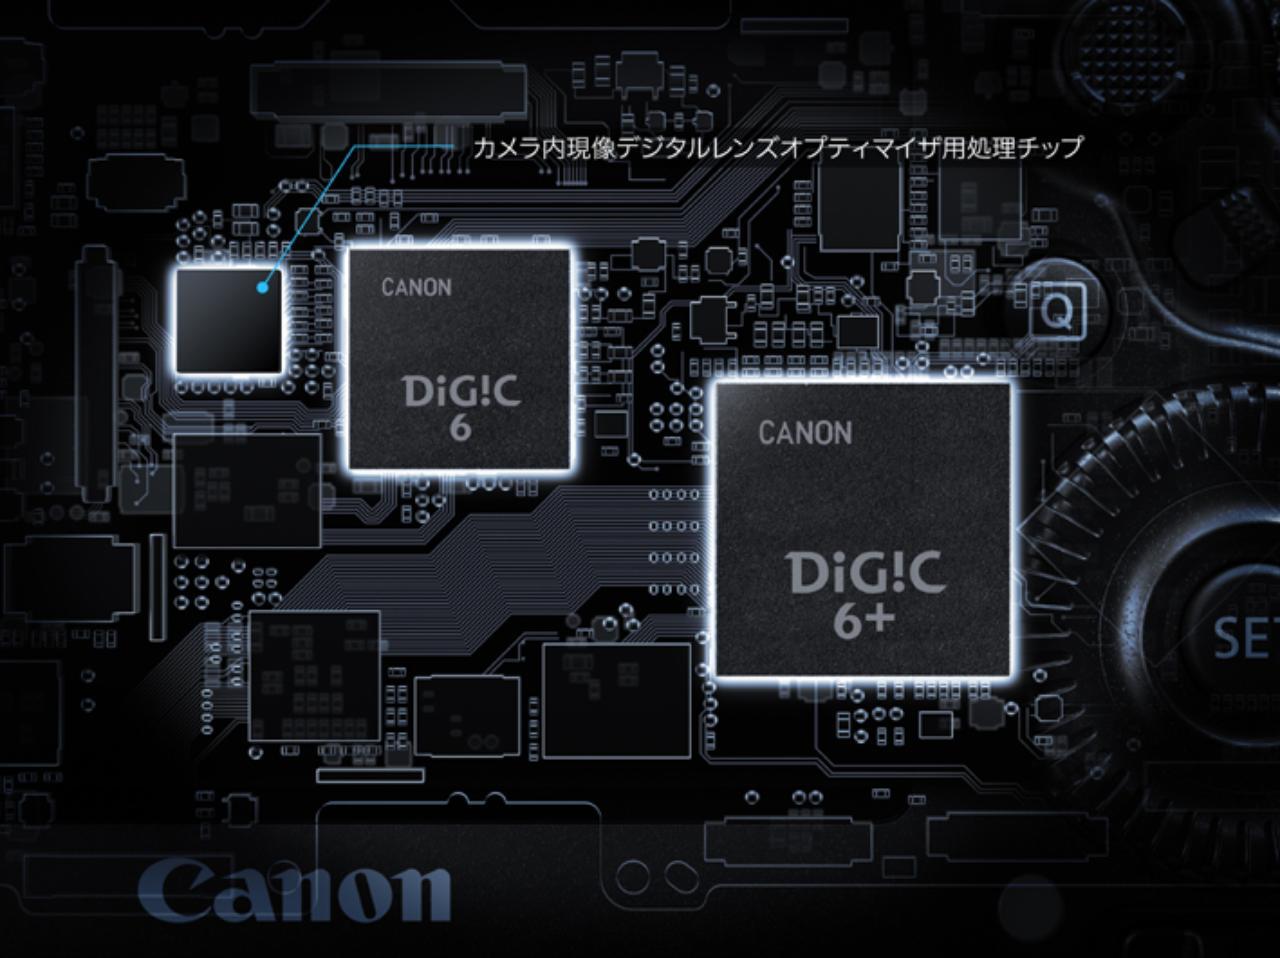 画像: カメラの頭脳ともいえる画像処理エンジンにはキヤノンのハイエンド機EOS-1D X MarkⅡと同じ「DIGIC6+(プラス)」を採用。高ISO感度を実現し、高感度時の色ノイズを低減するとともに、画像処理能力や回折補正、カメラ内RAW現像などにも対応できるようになった。